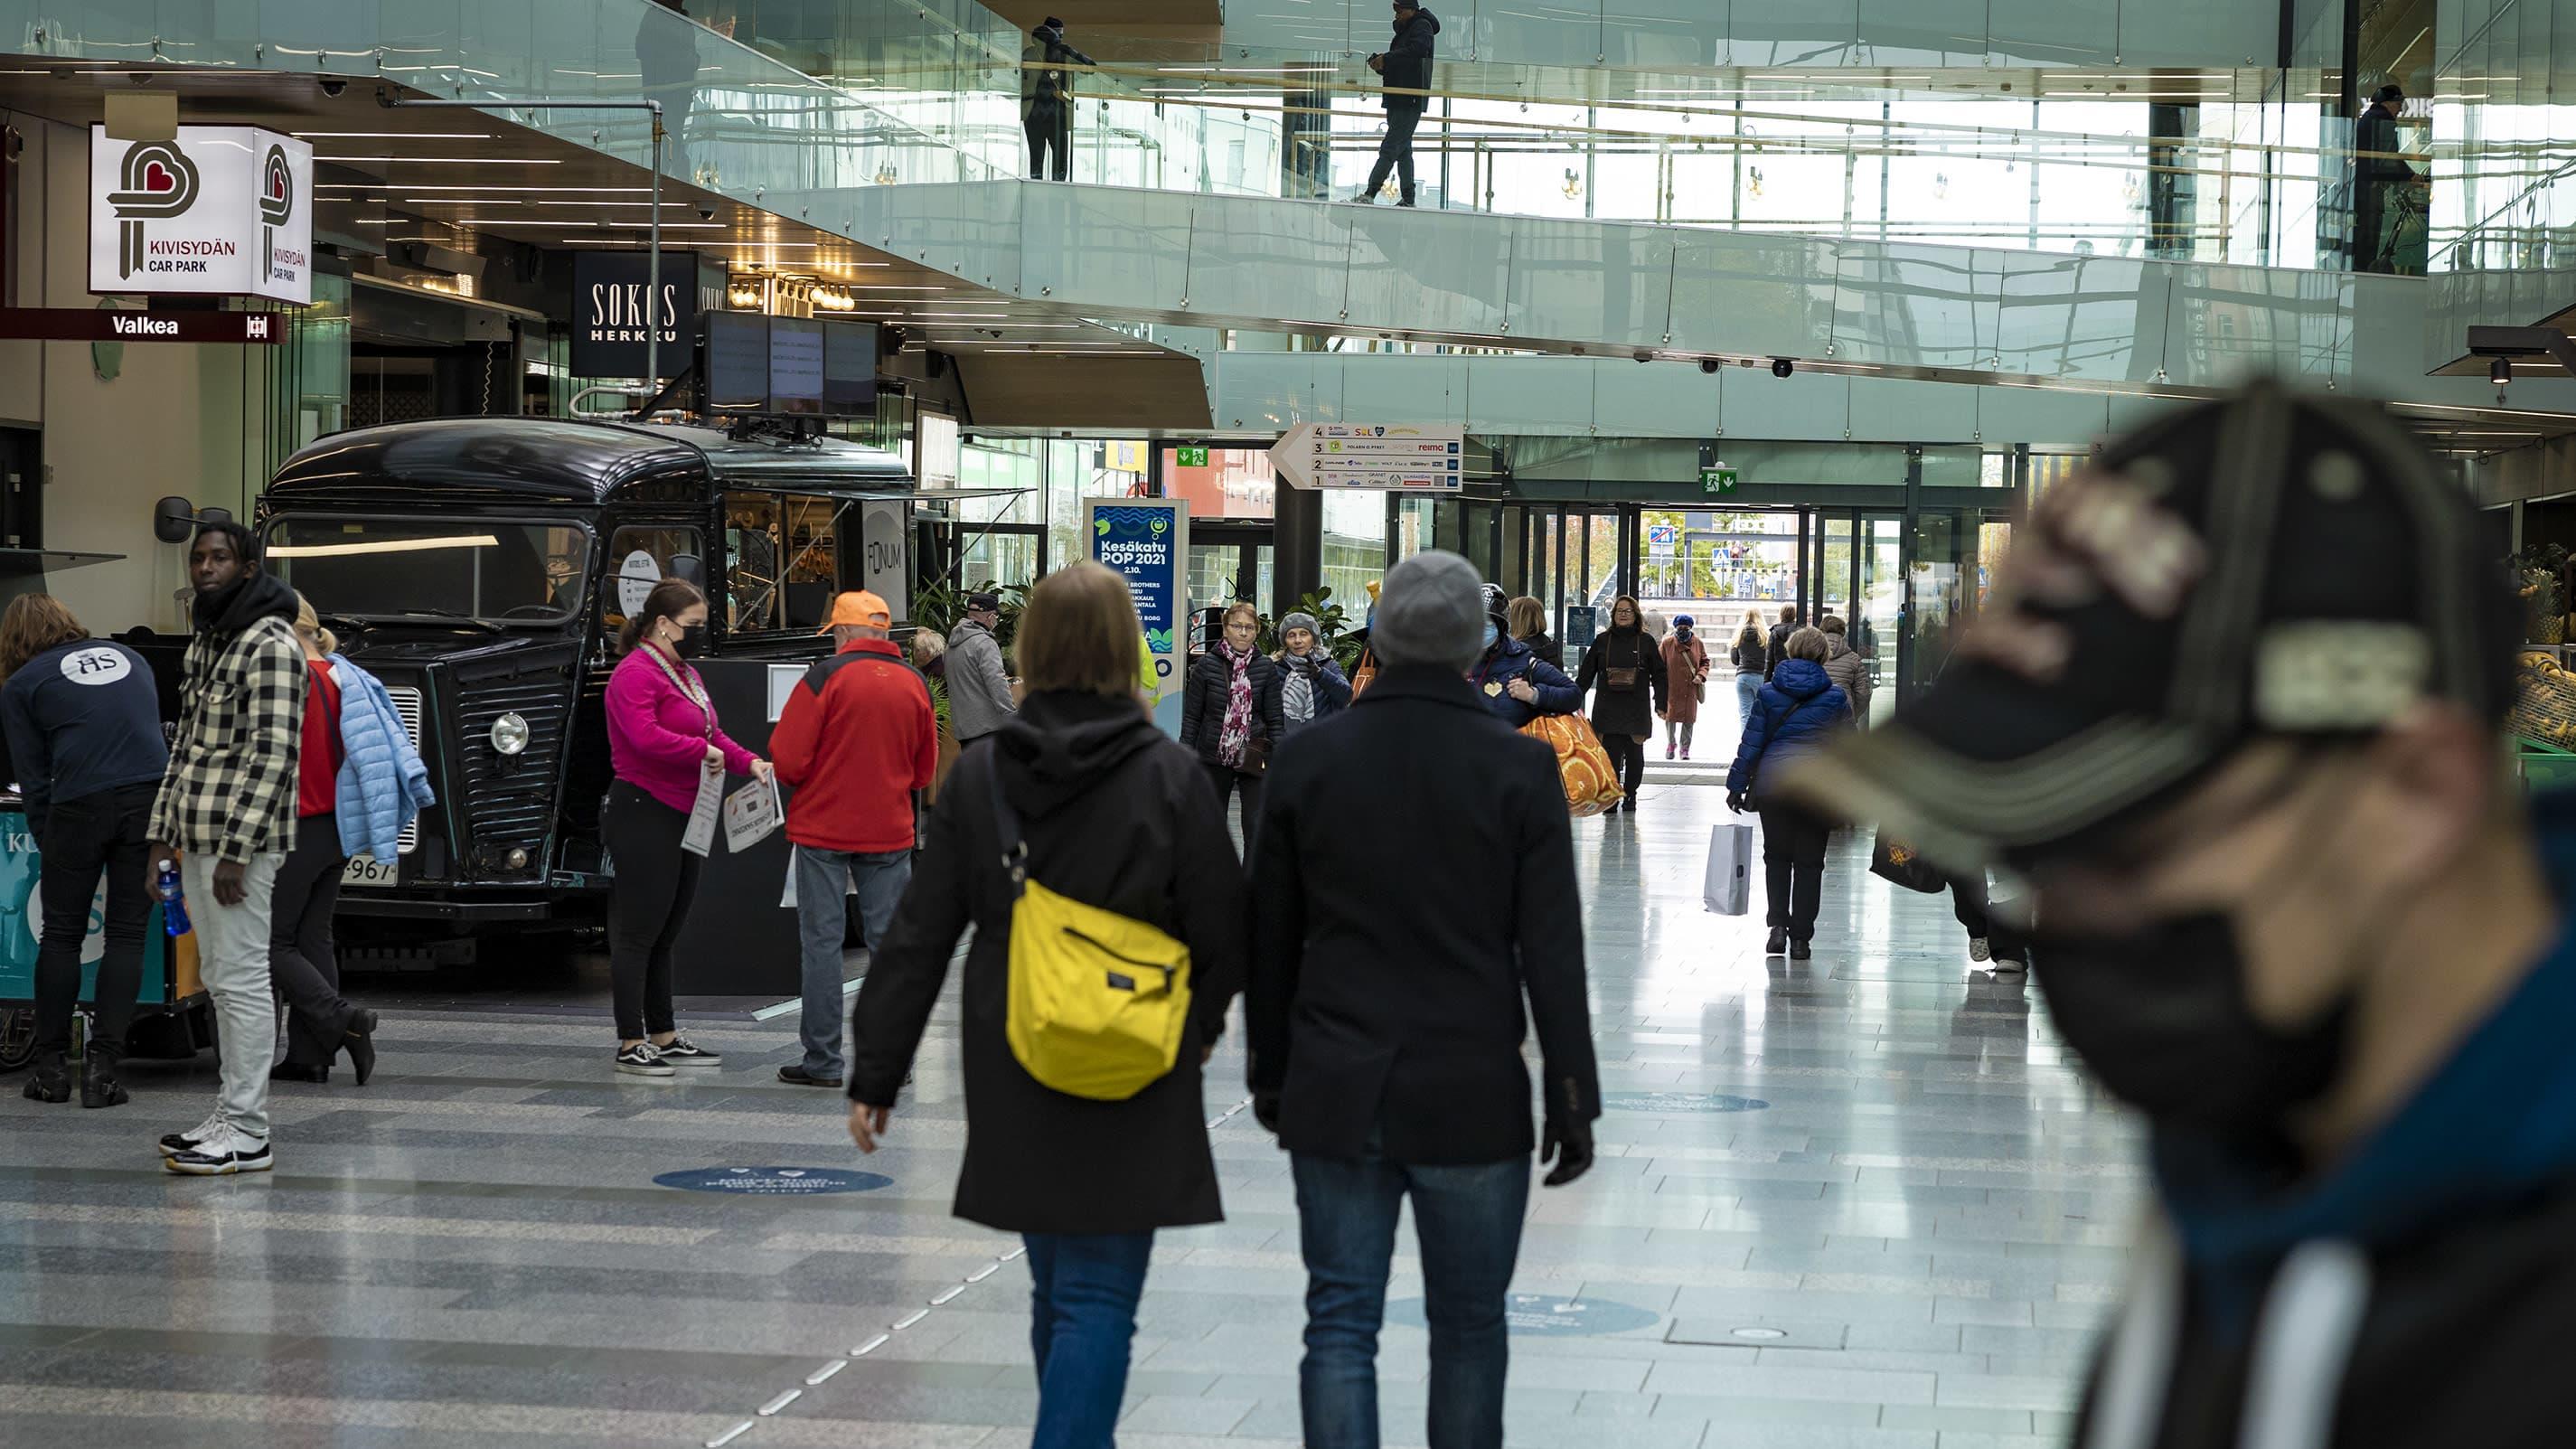 Oulun Kauppakeskus Valkeassa ihmisiä